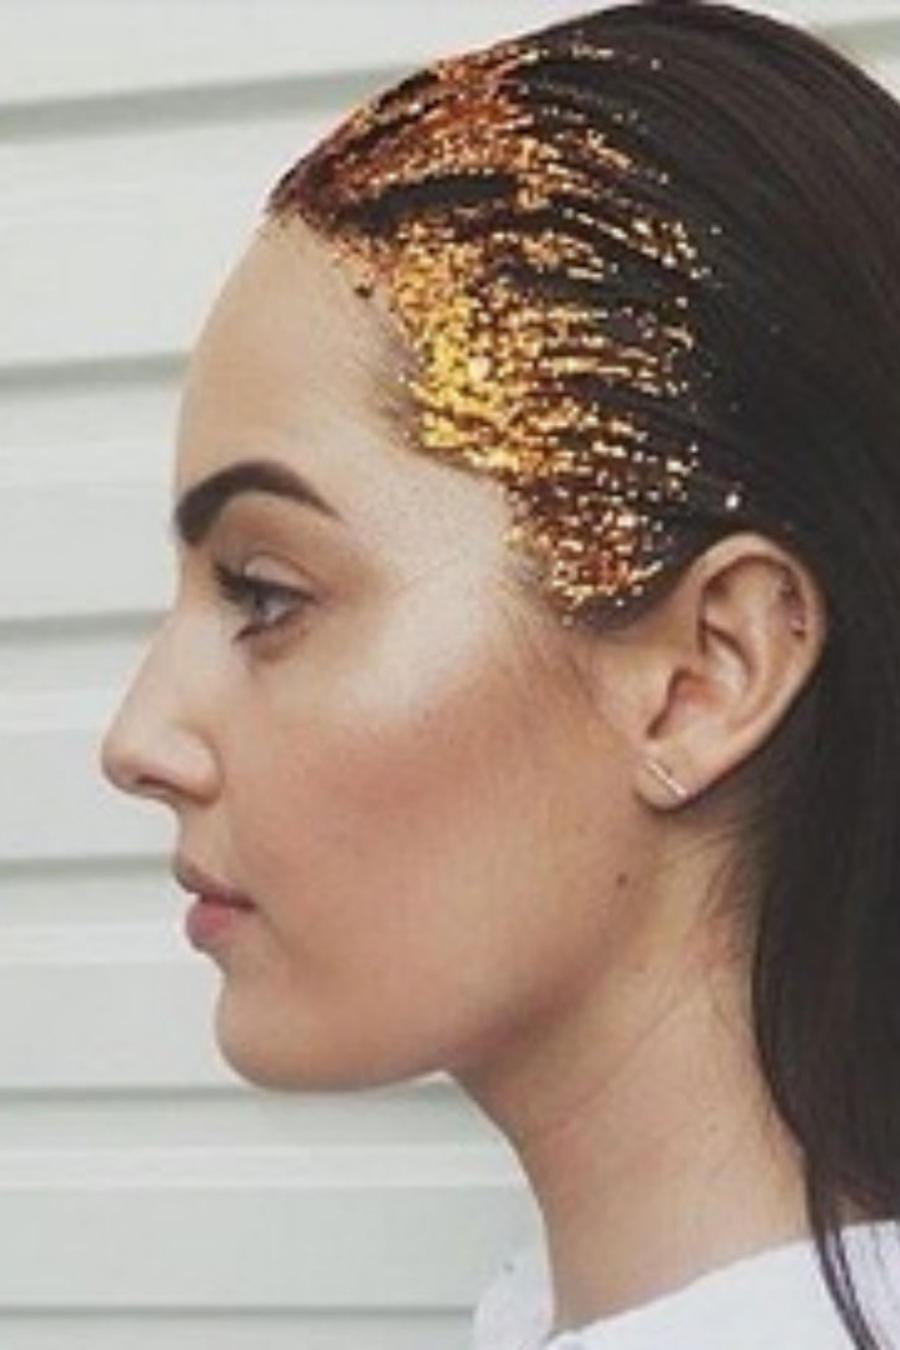 mujer con blusa blanca y brillantina dorada en su cabello